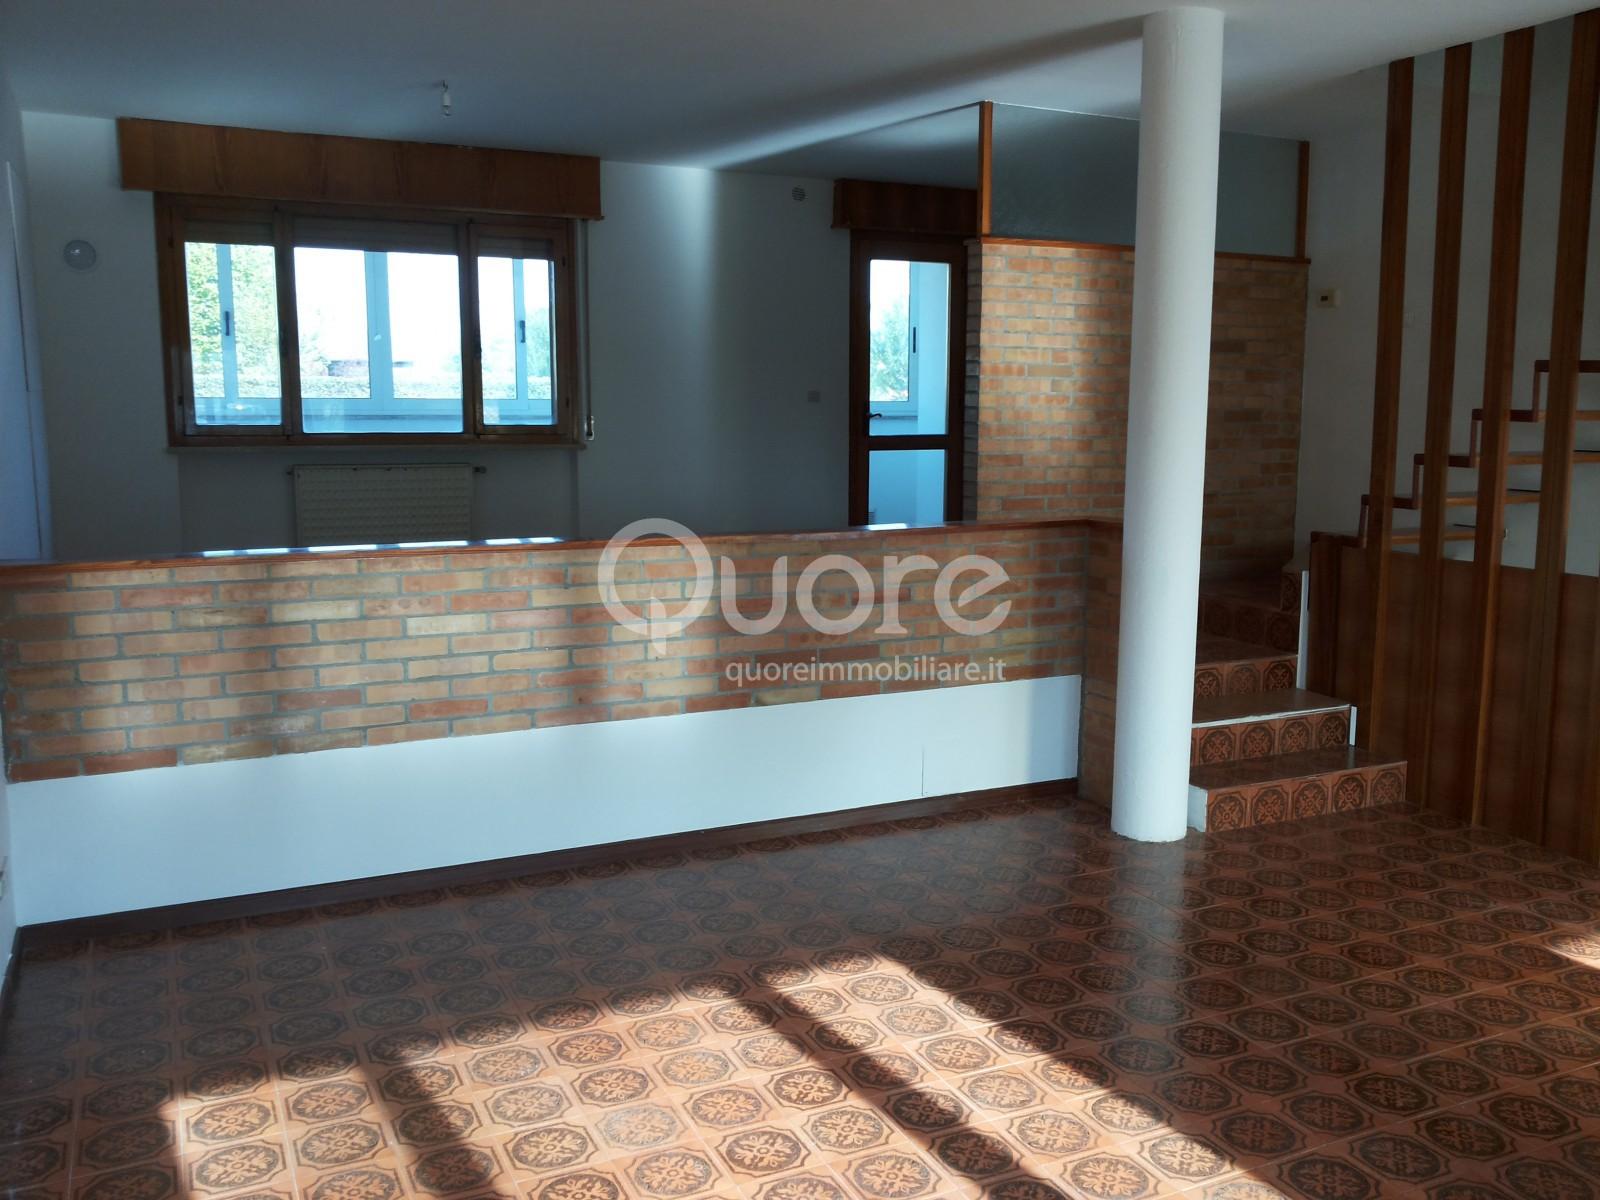 Villa a Schiera in vendita a Mortegliano, 6 locali, prezzo € 115.000 | CambioCasa.it